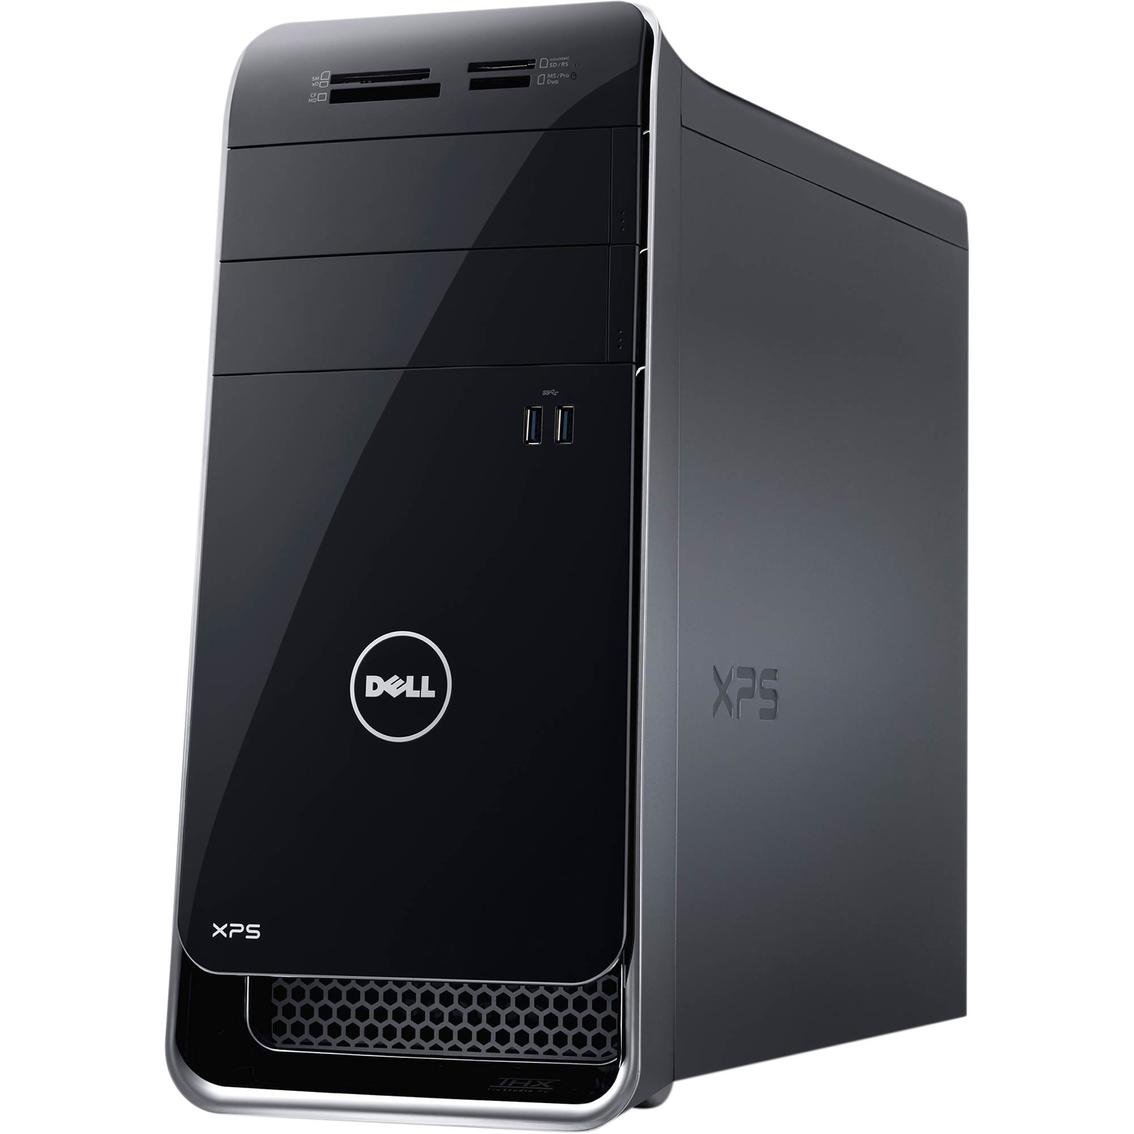 Dell Xps 8900 Intel Core I7 6700 4 0ghz 16gb 2tb Windows